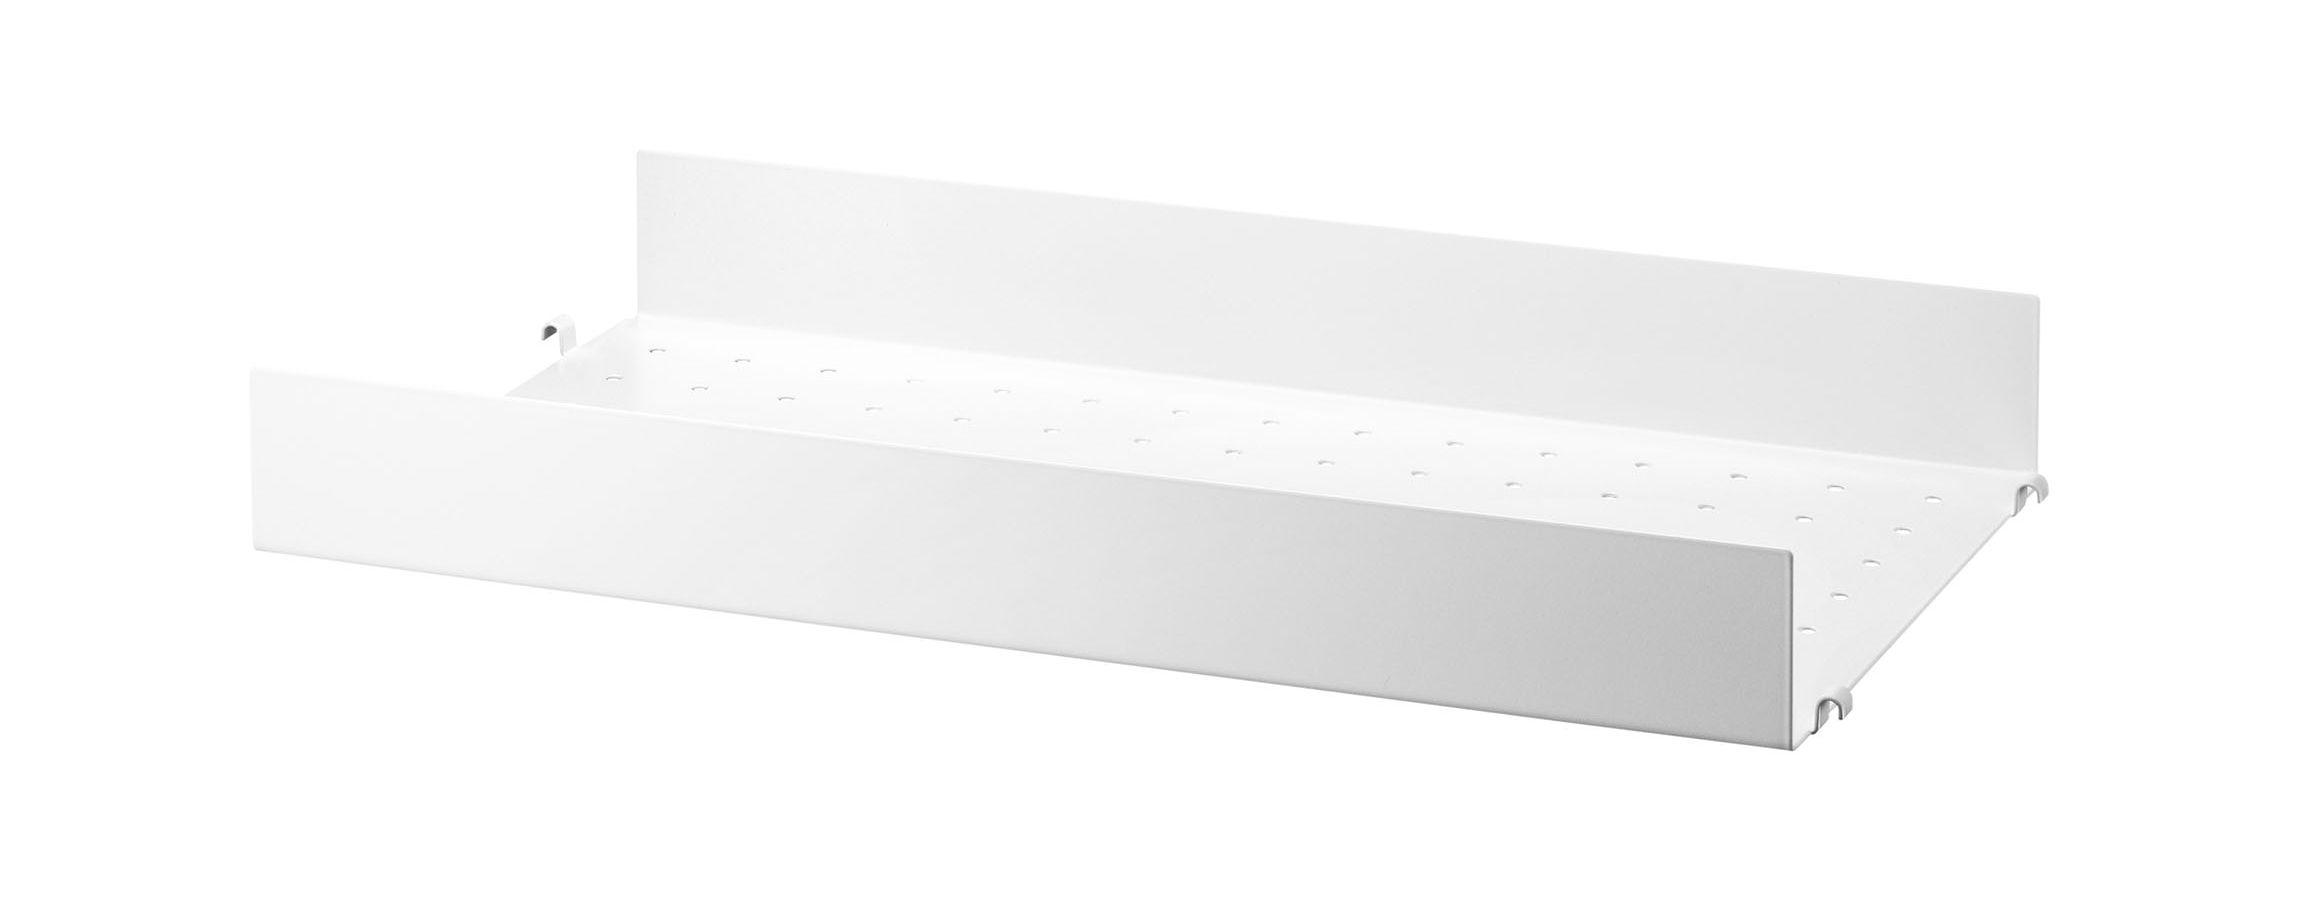 Arredamento - Scaffali e librerie - Scaffale String System - / Metallo traforato, bordo alto - L 58 x P 30 cm di String Furniture - L 58 cm / Bianco - metallo laccato